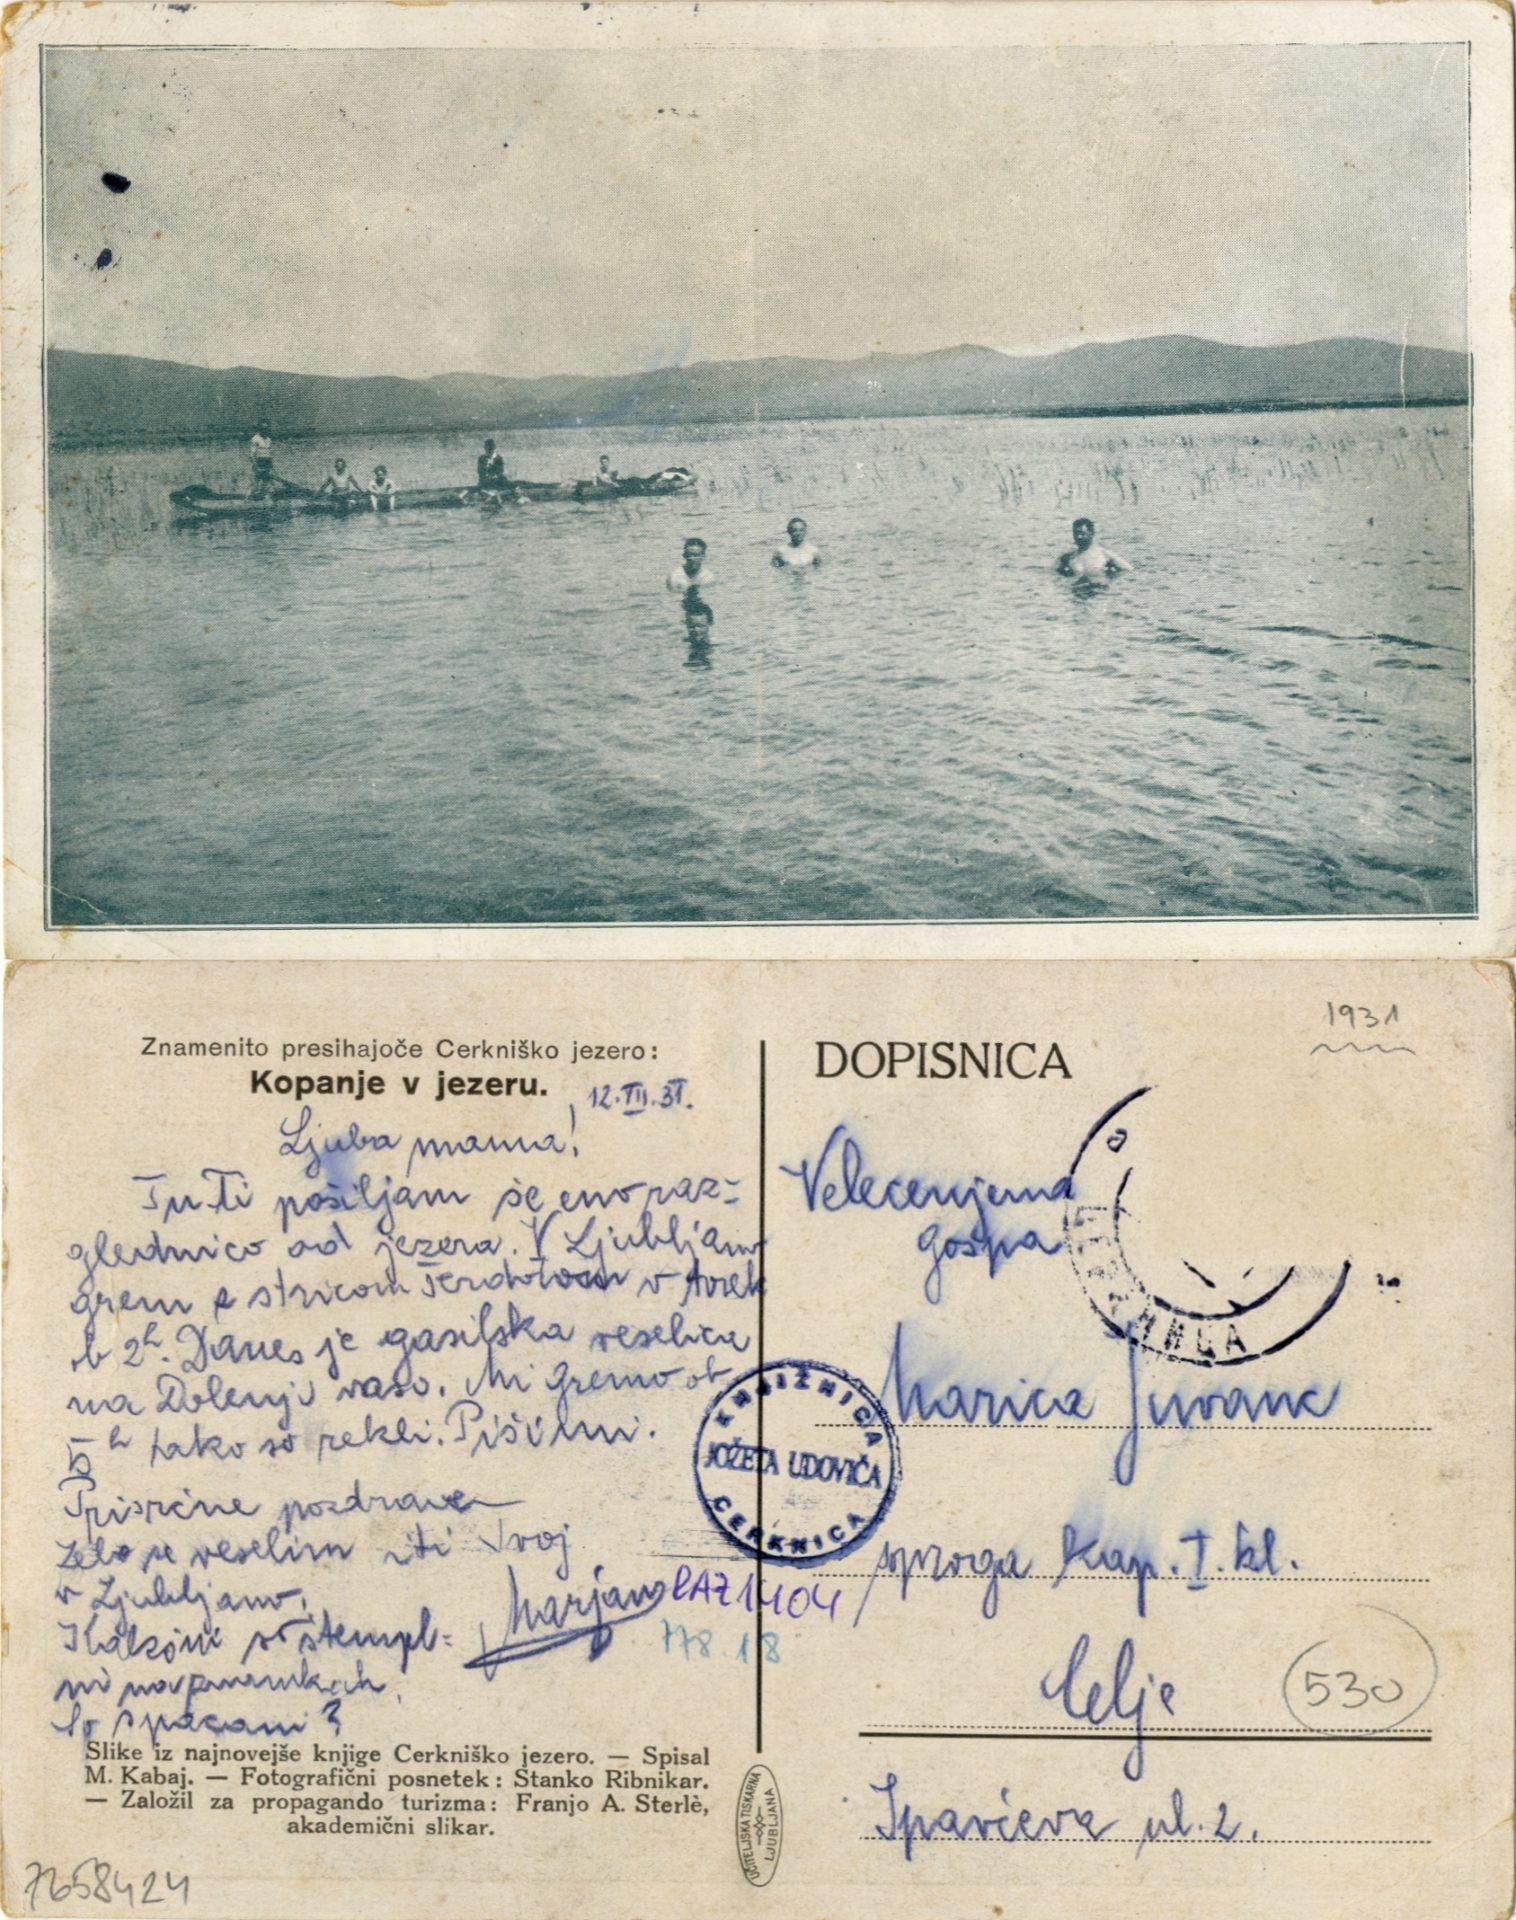 zlimano 19 - Cerkniško jezero